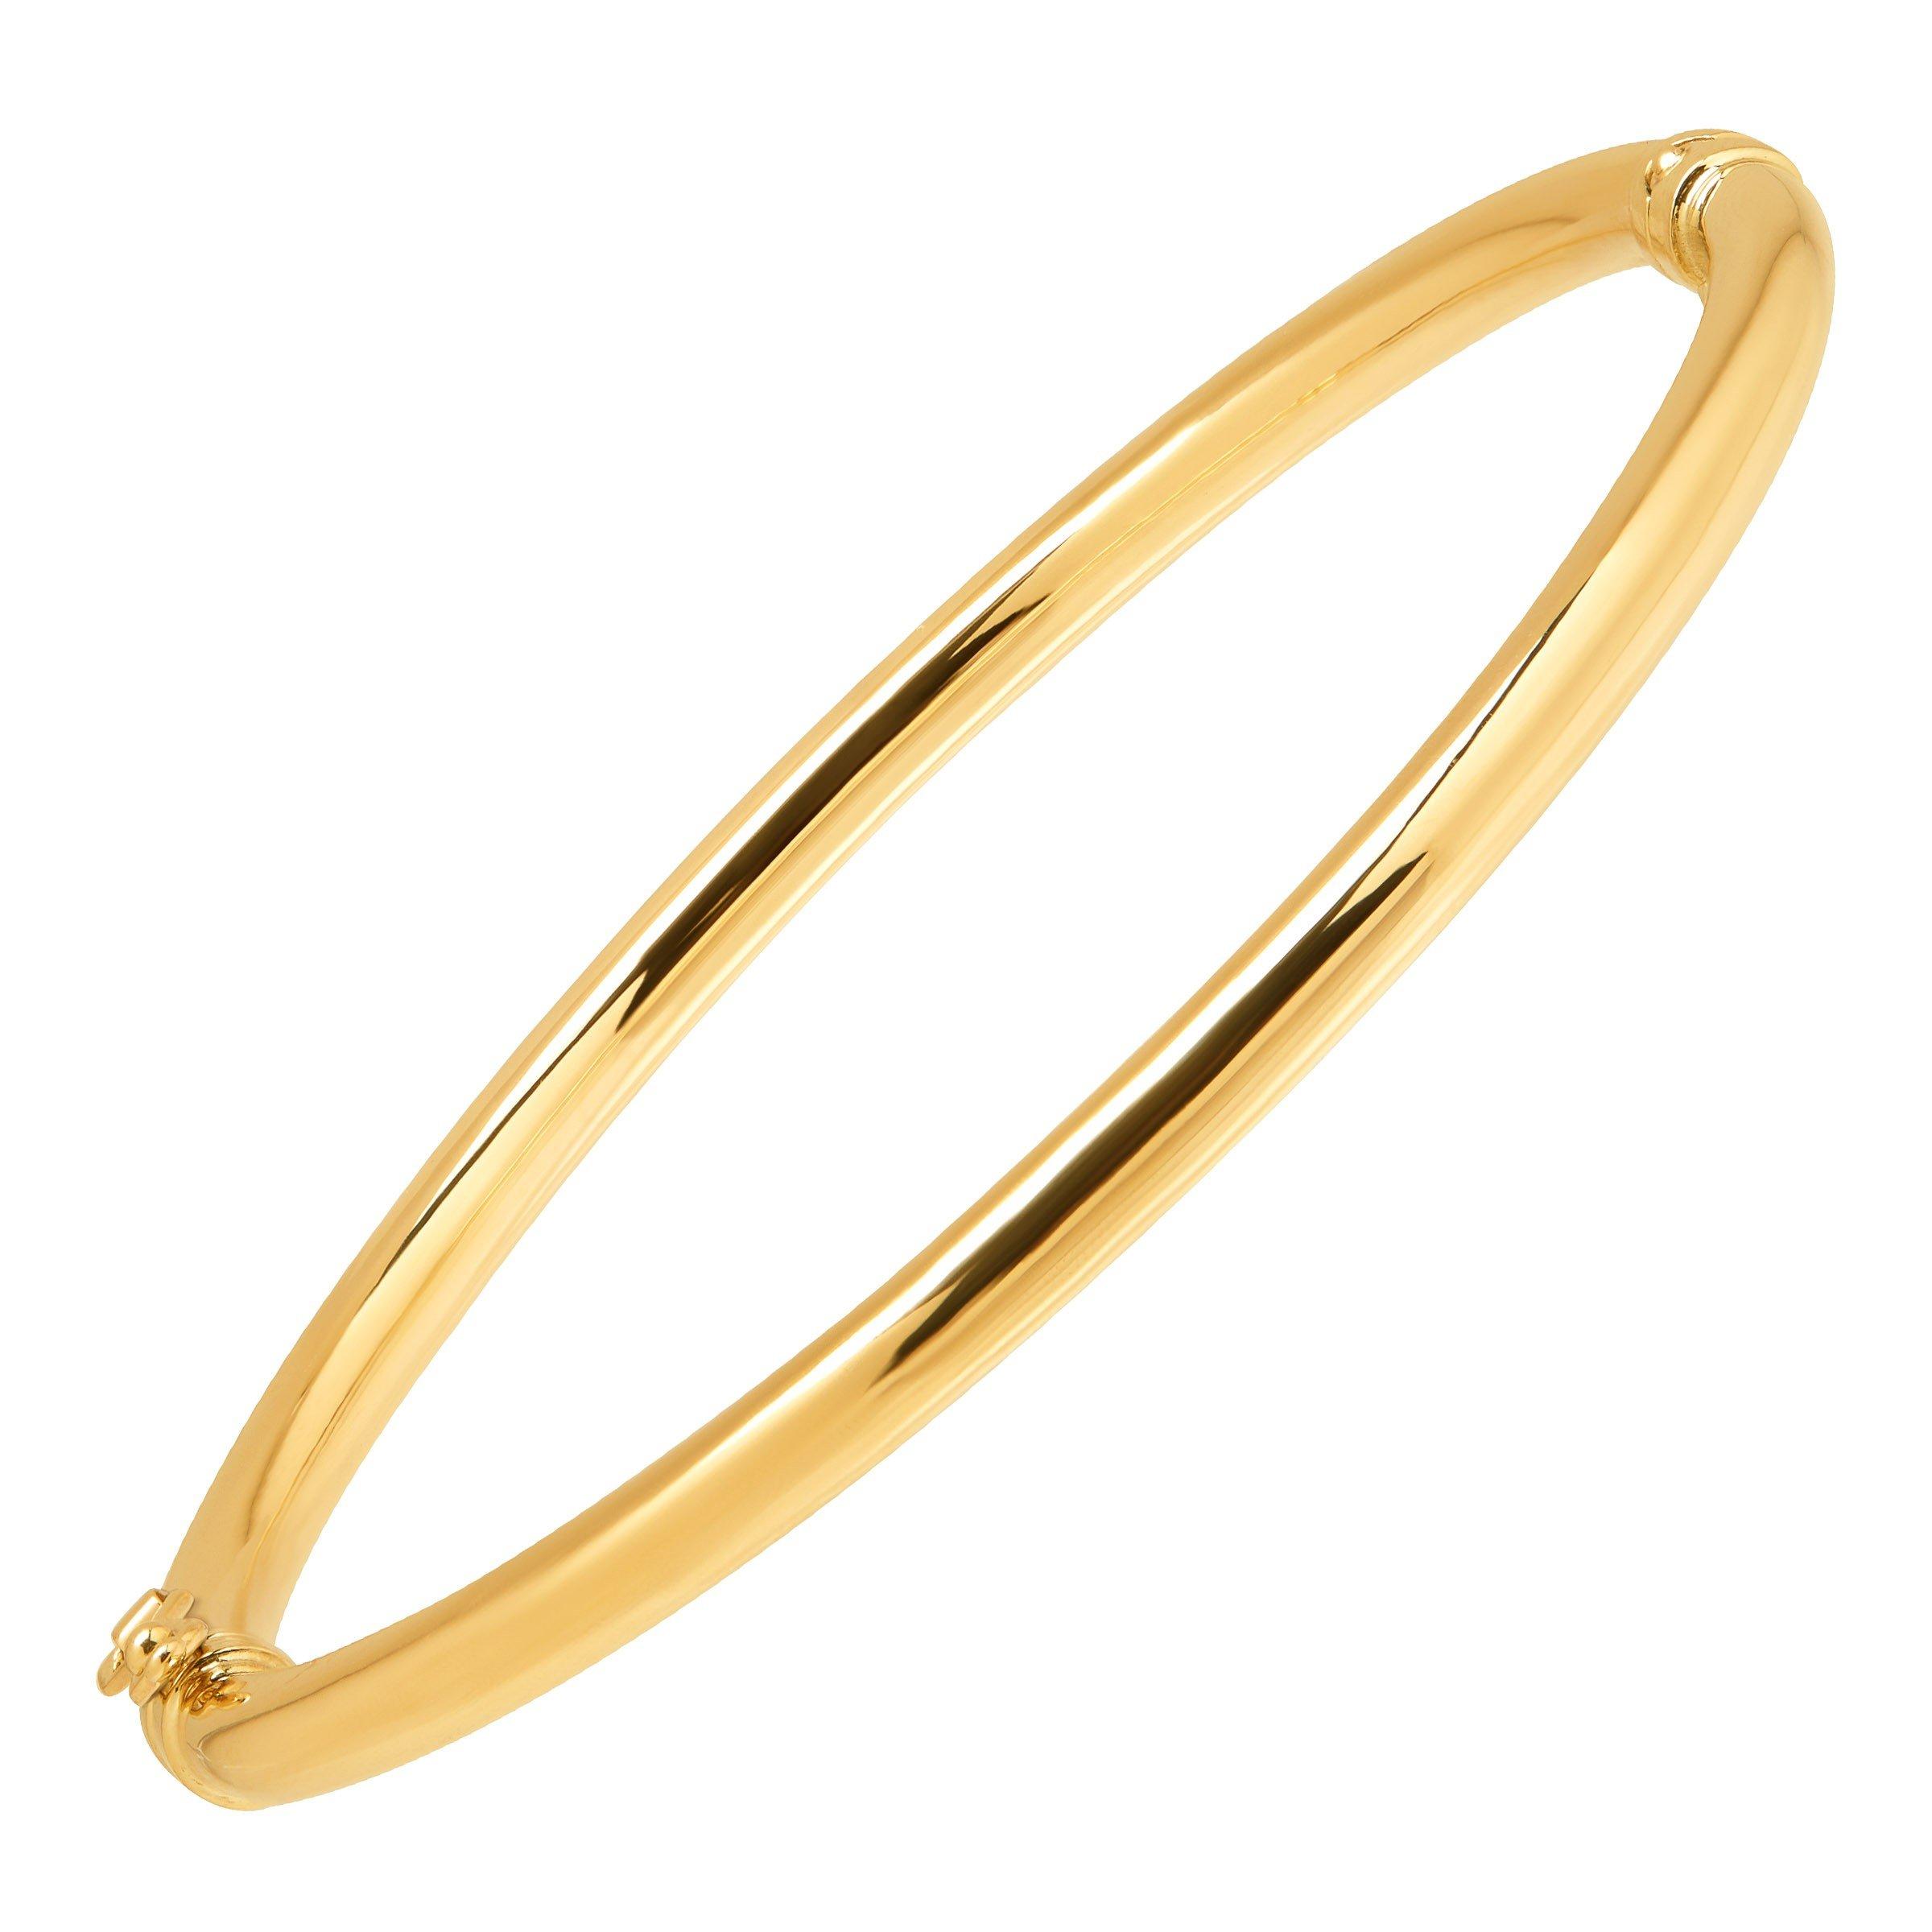 Just Gold Polished Hinged Bangle Bracelet in 10K Gold